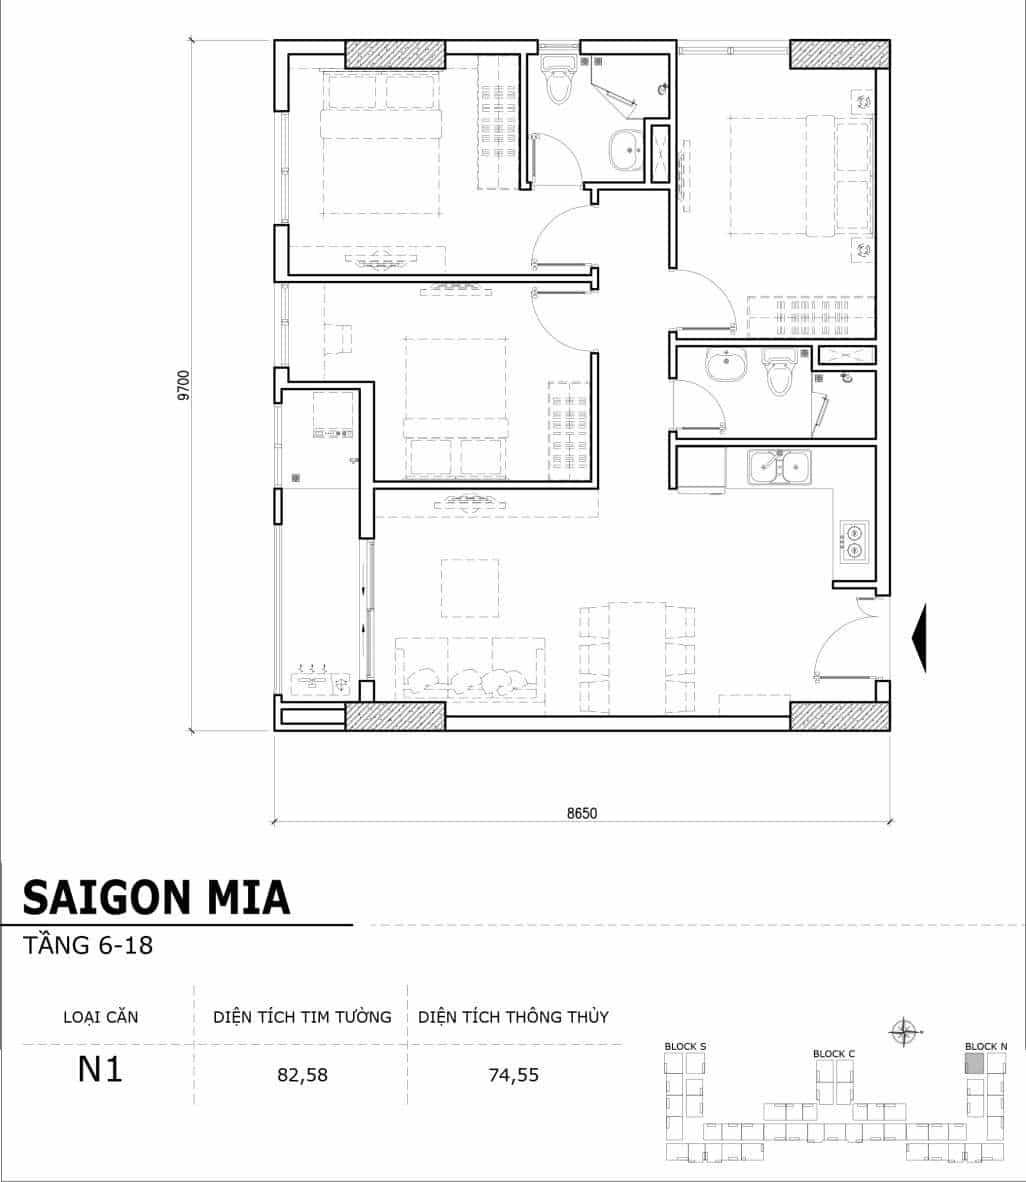 Chi tiết thiết kế căn hộ điển hình tầng 6-18 dự án Sài Gòn Mia - Căn N1